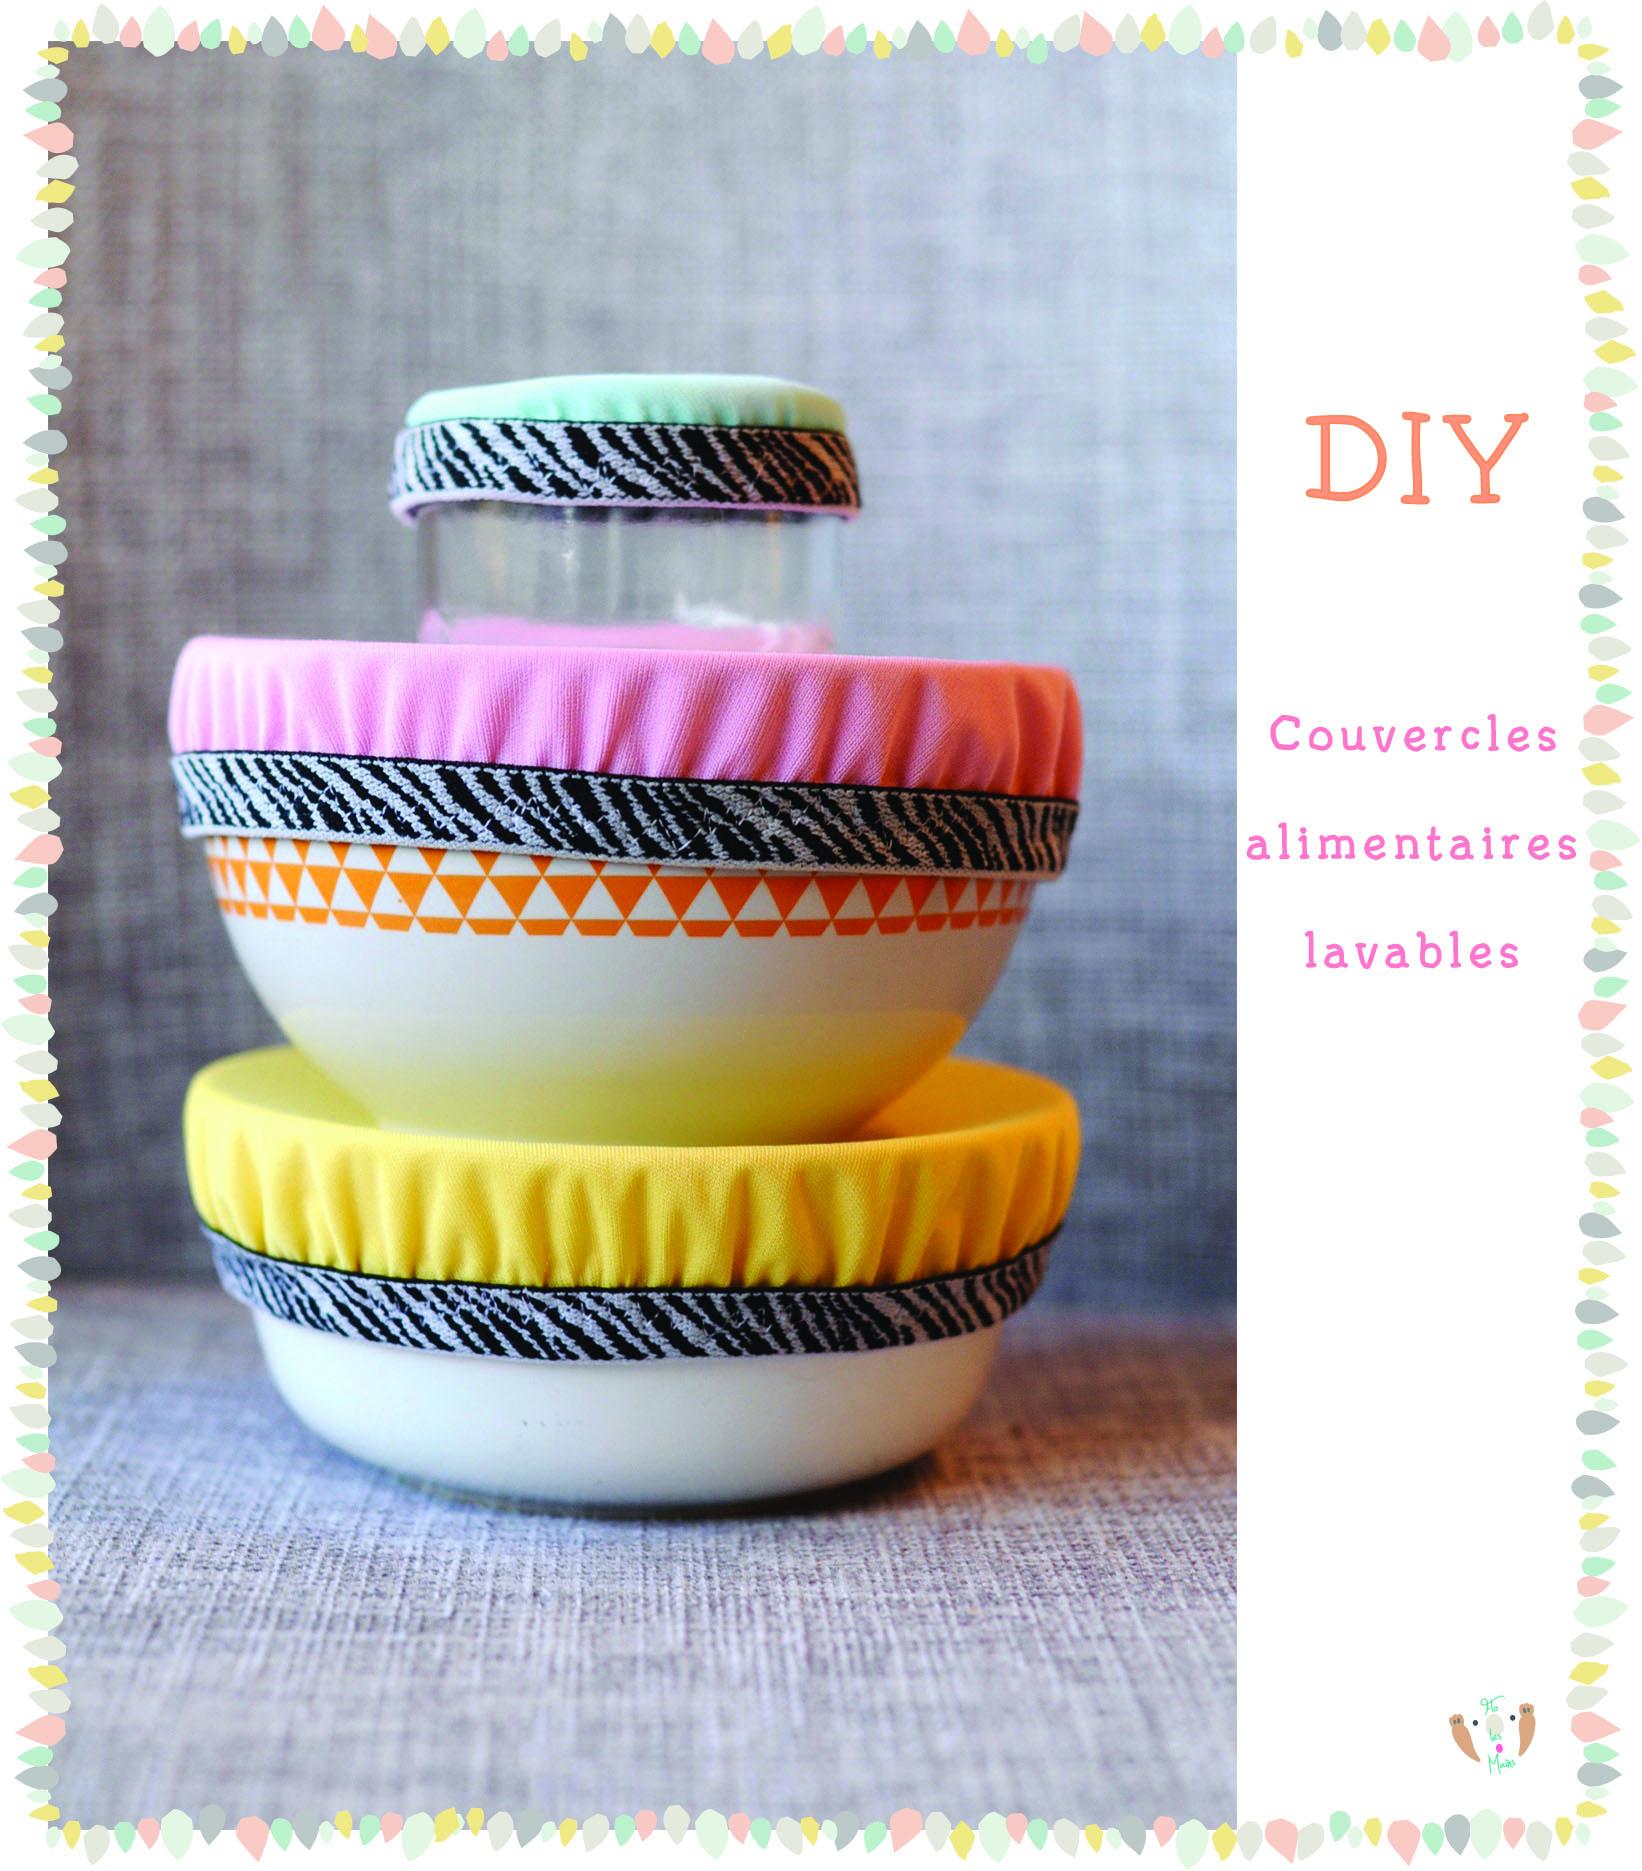 Tuto Zéro déchet pour fabriquer soi-même des couvercles alimentaires de bols en tissu imperméable, lavables et réutilisables